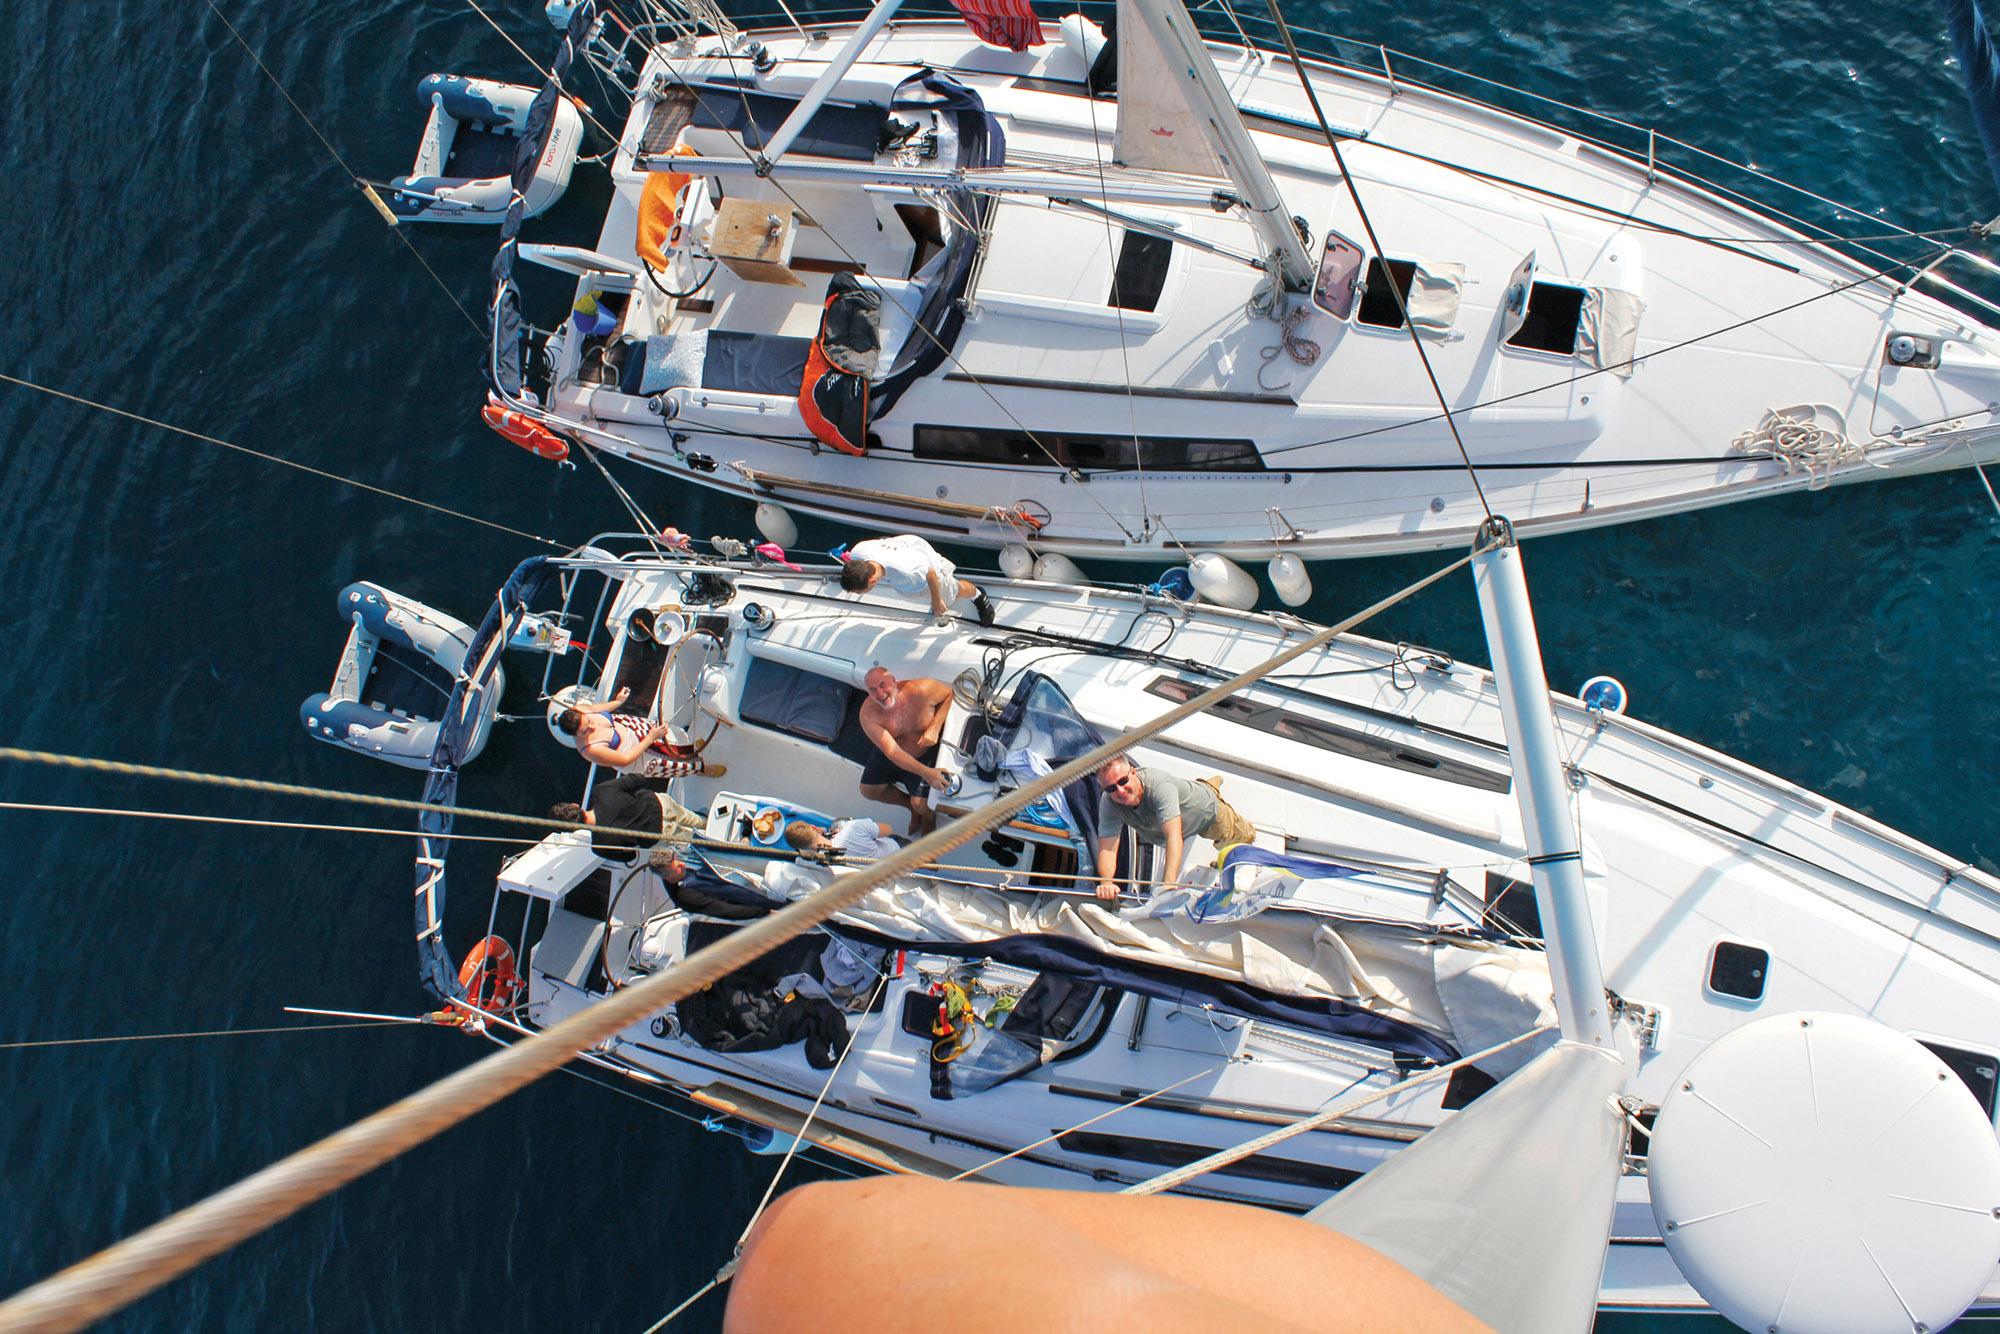 Яхти з висоти 8 метрів